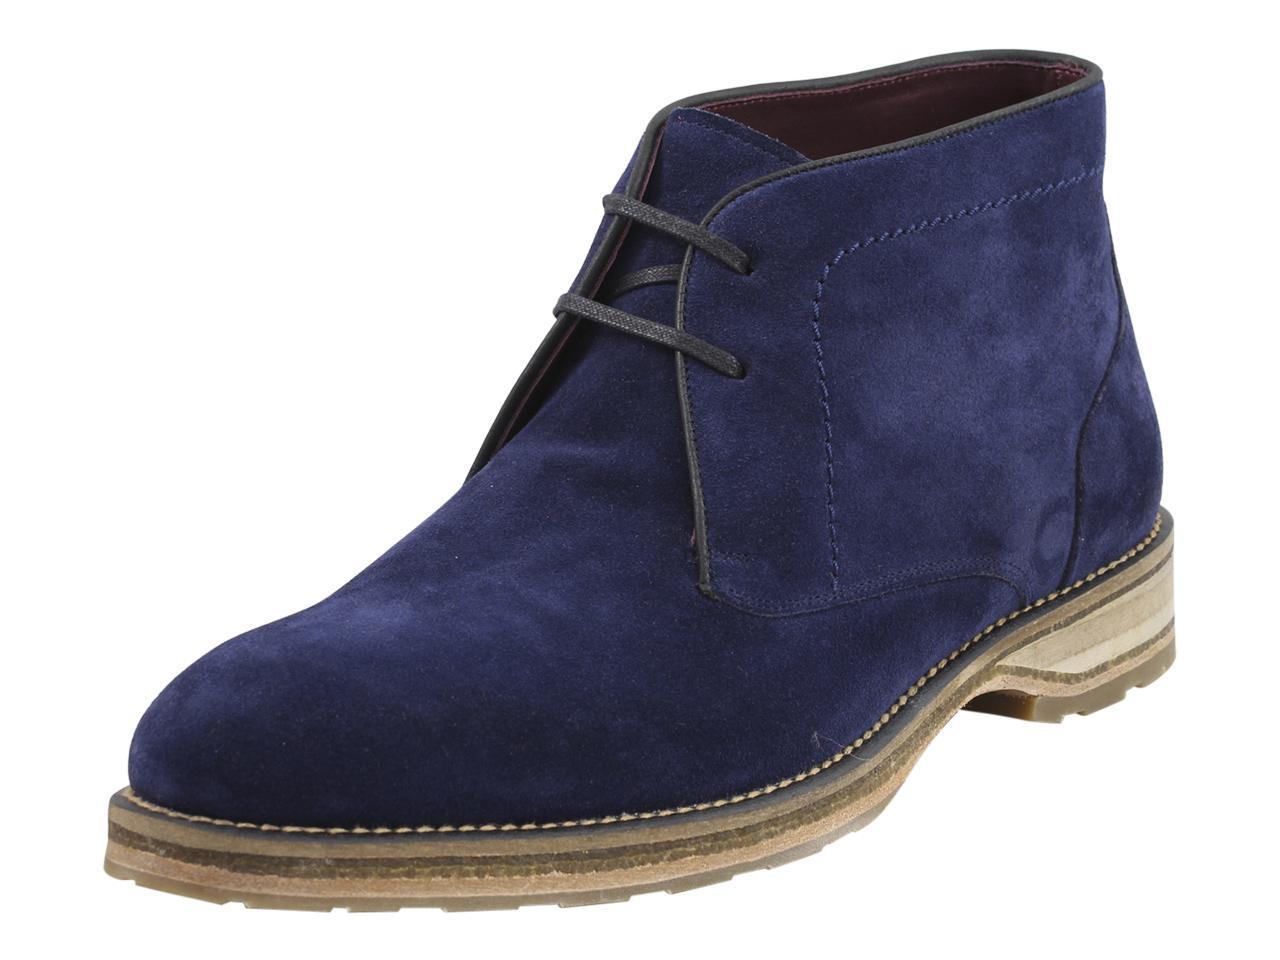 Image of Mezlan Men's Dalias Chukka Boots Shoes - Blue - 10.5 D(M) US